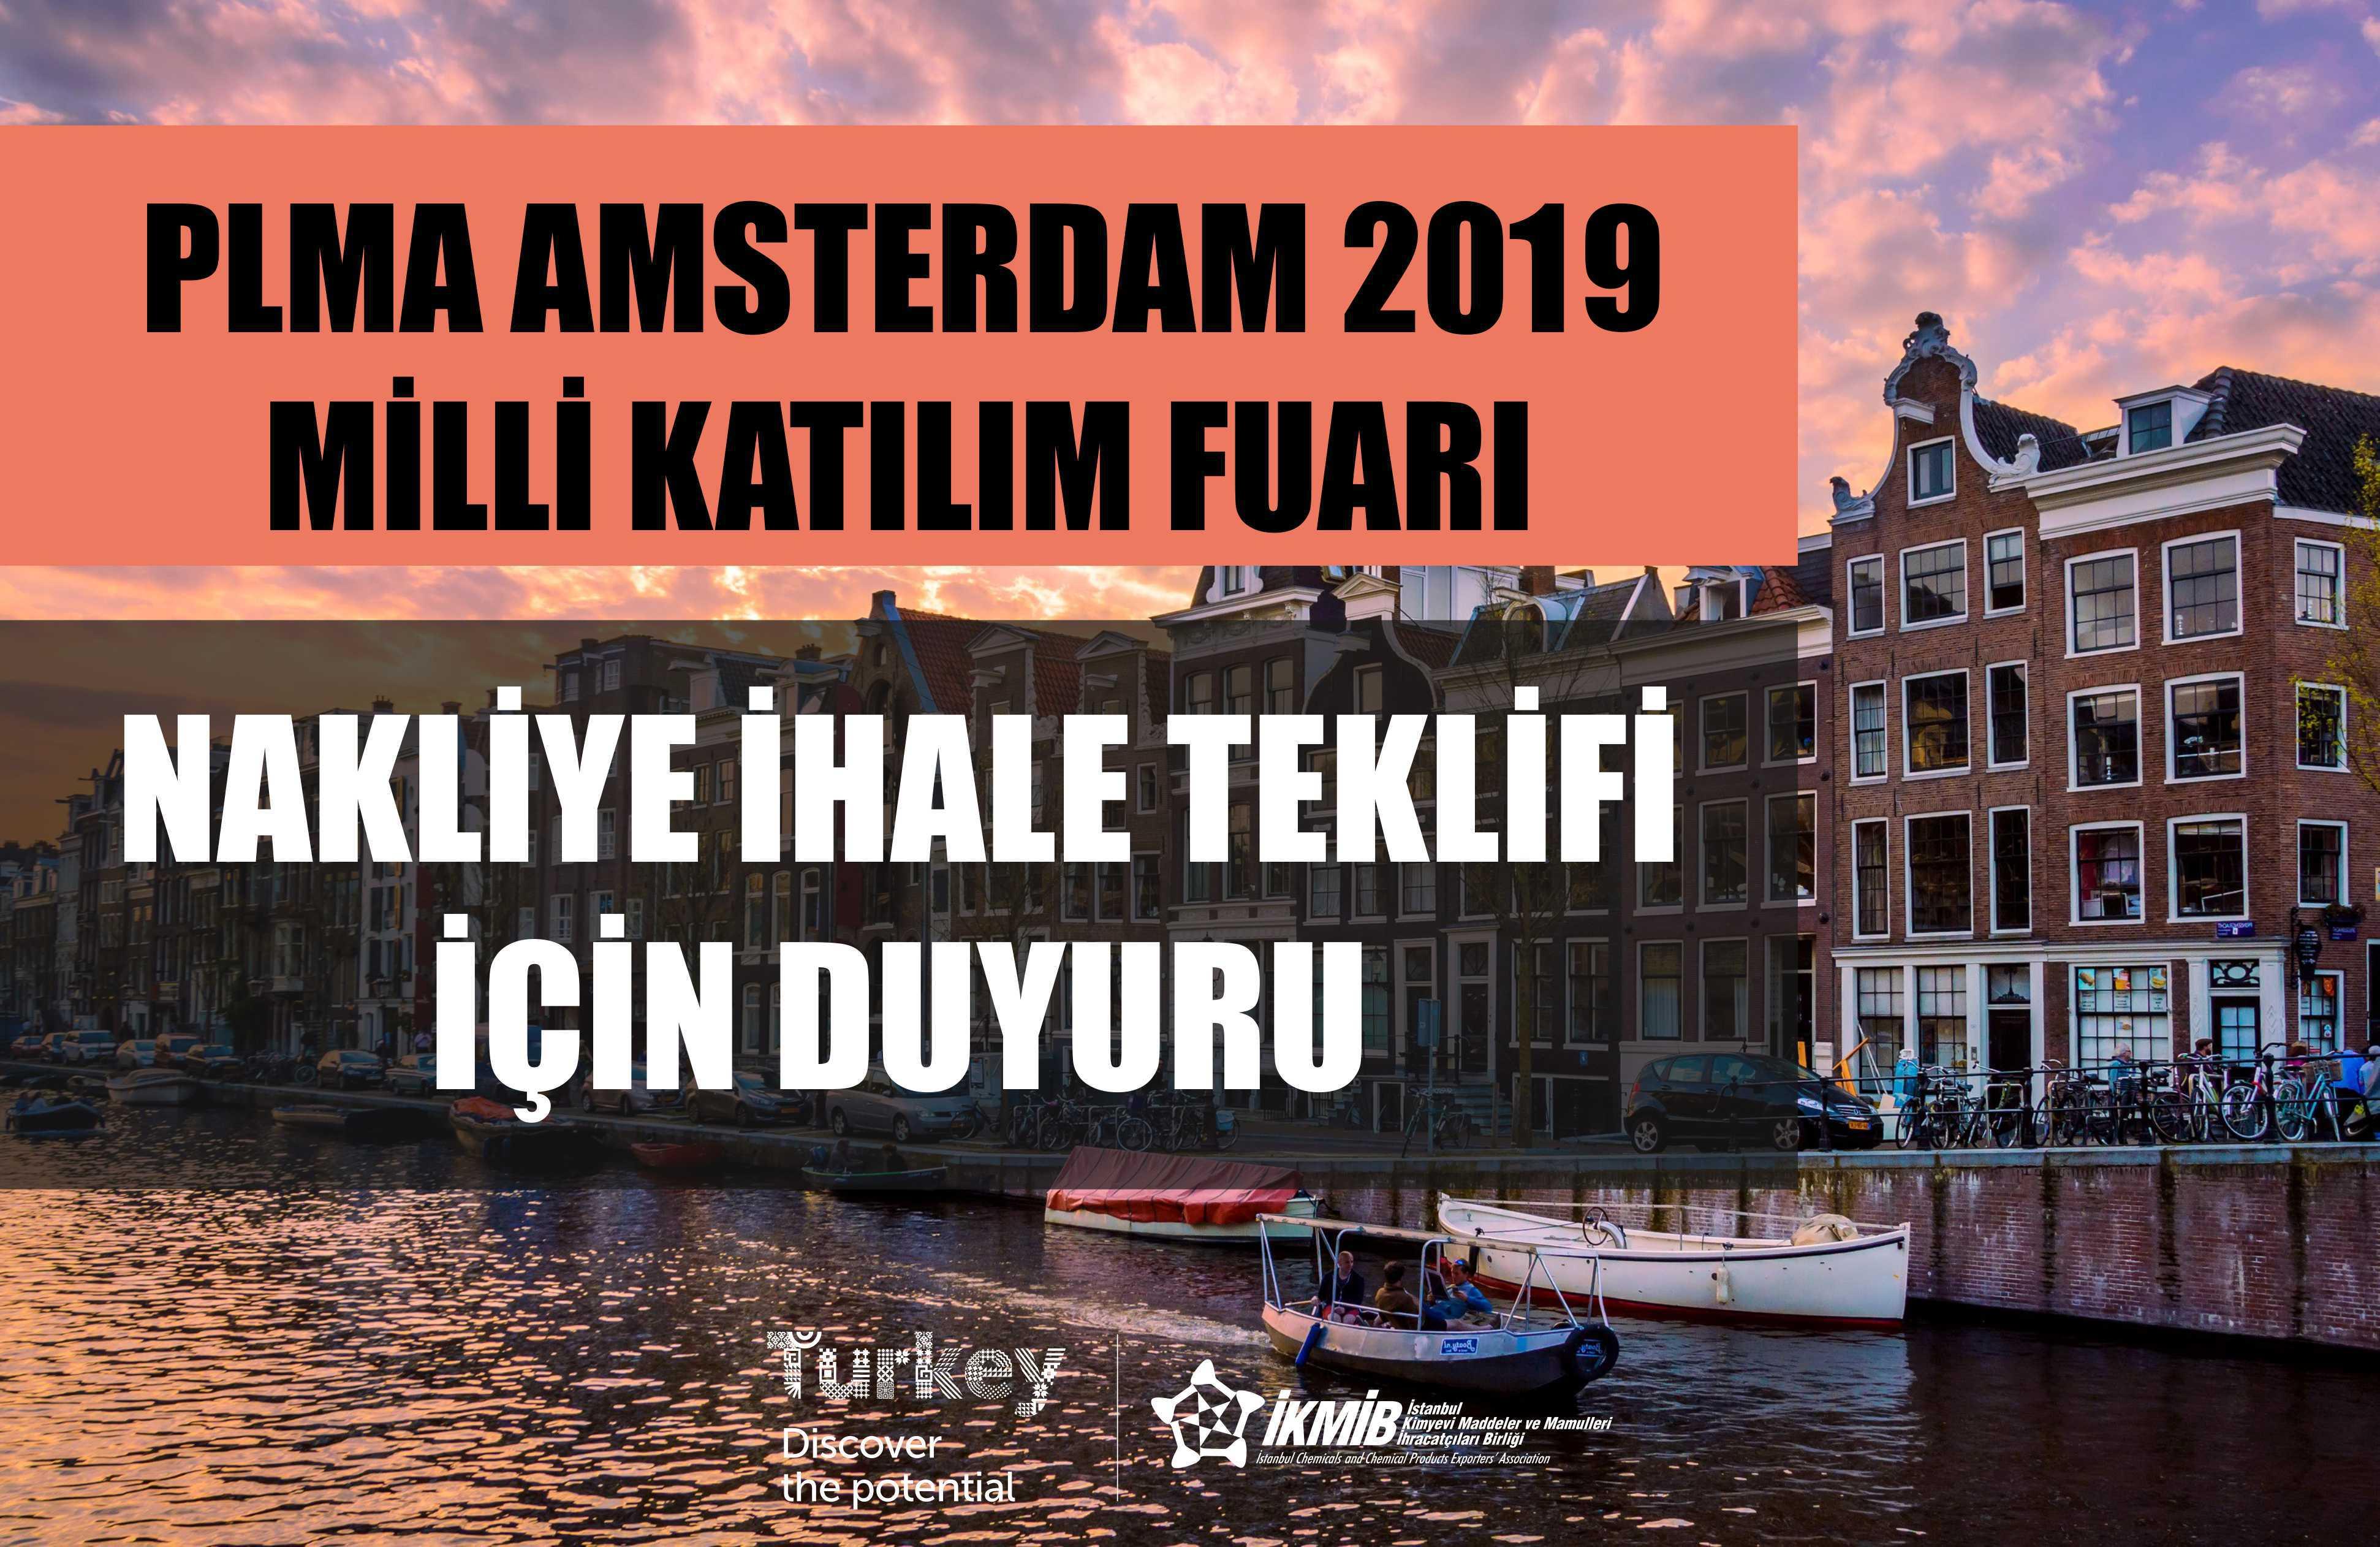 İKMİB - İstanbul Kimyevi Maddeler ve Mamulleri İhracatçıları